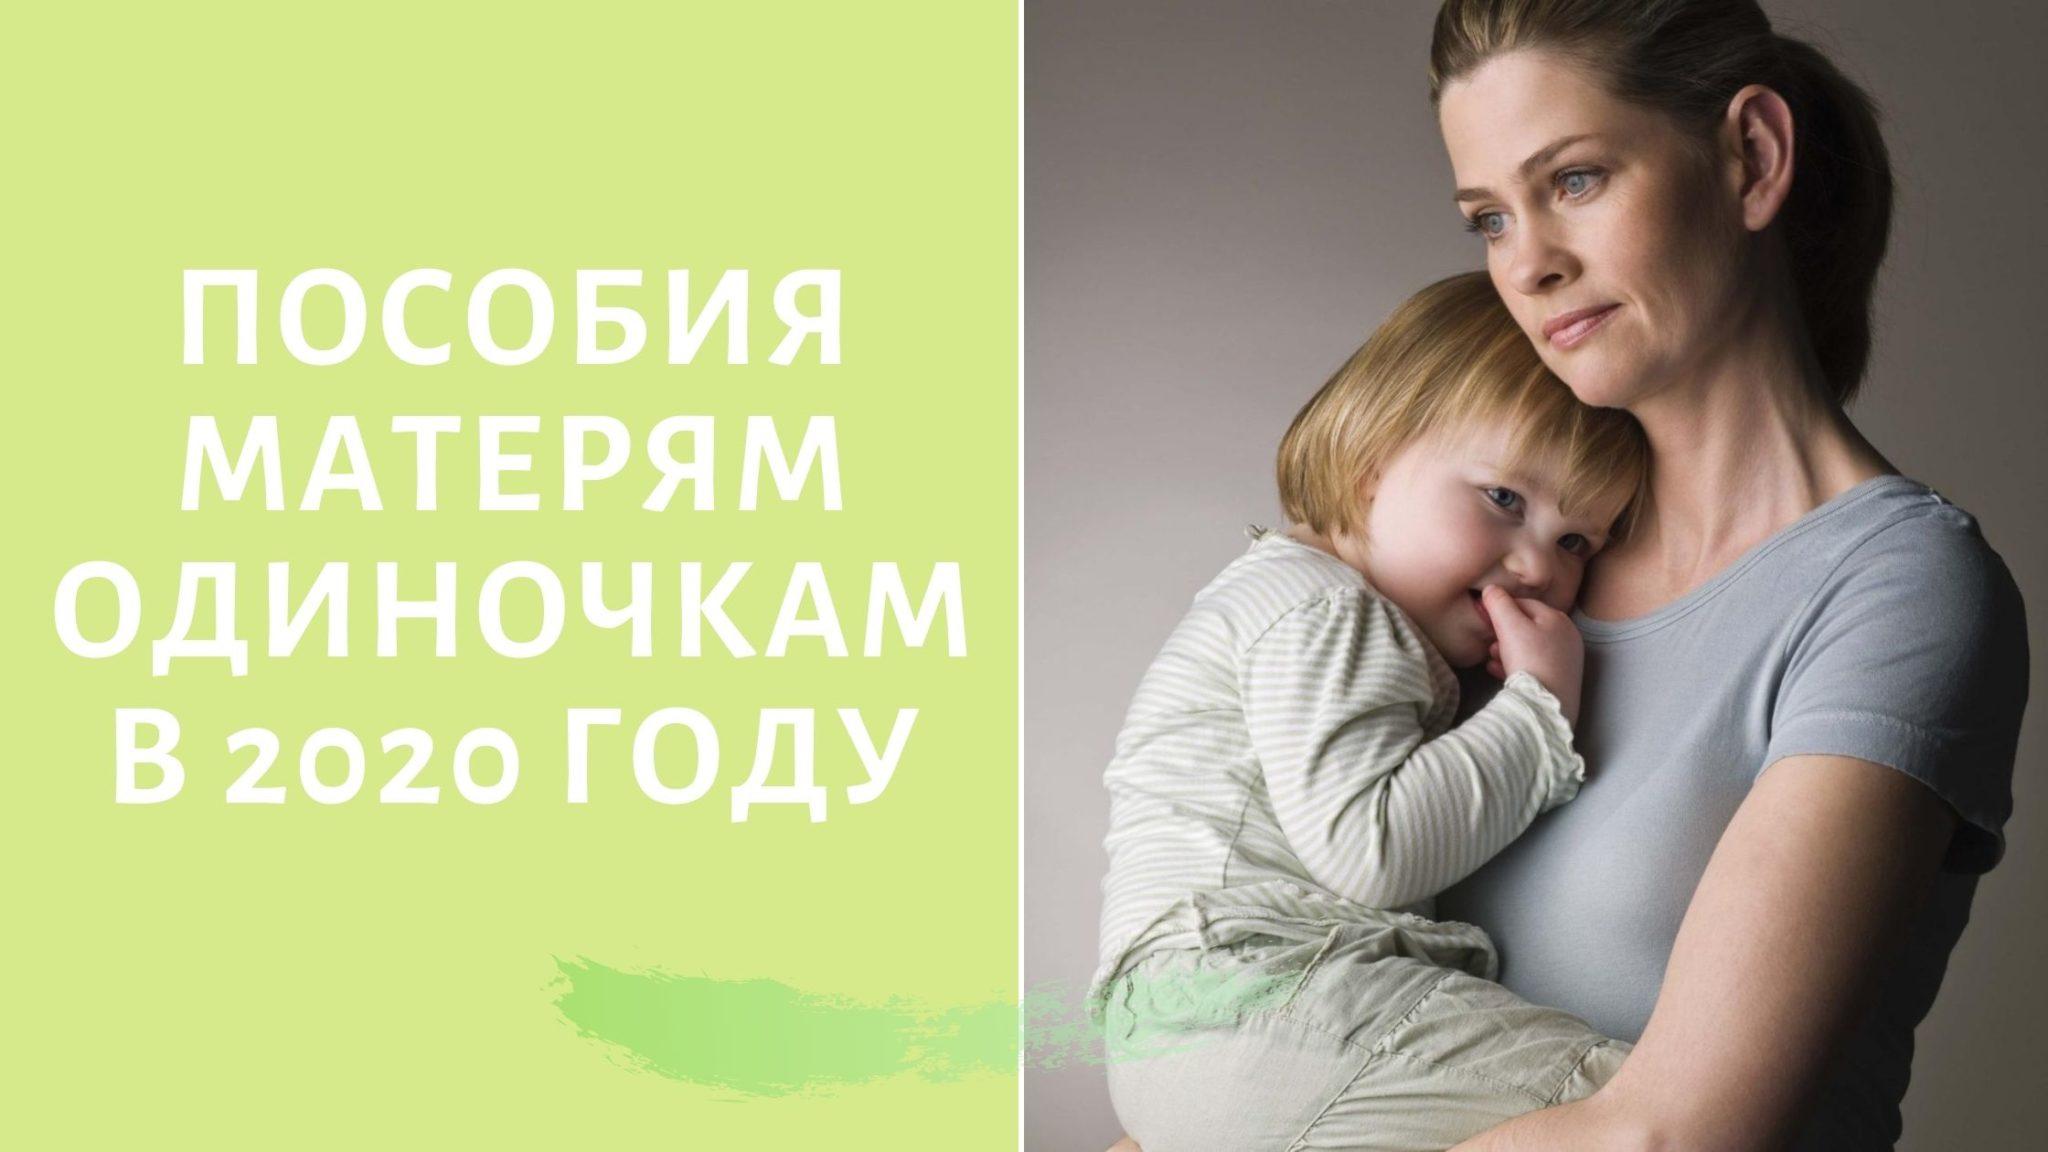 Пособия матерям одиночкам в 2020 году